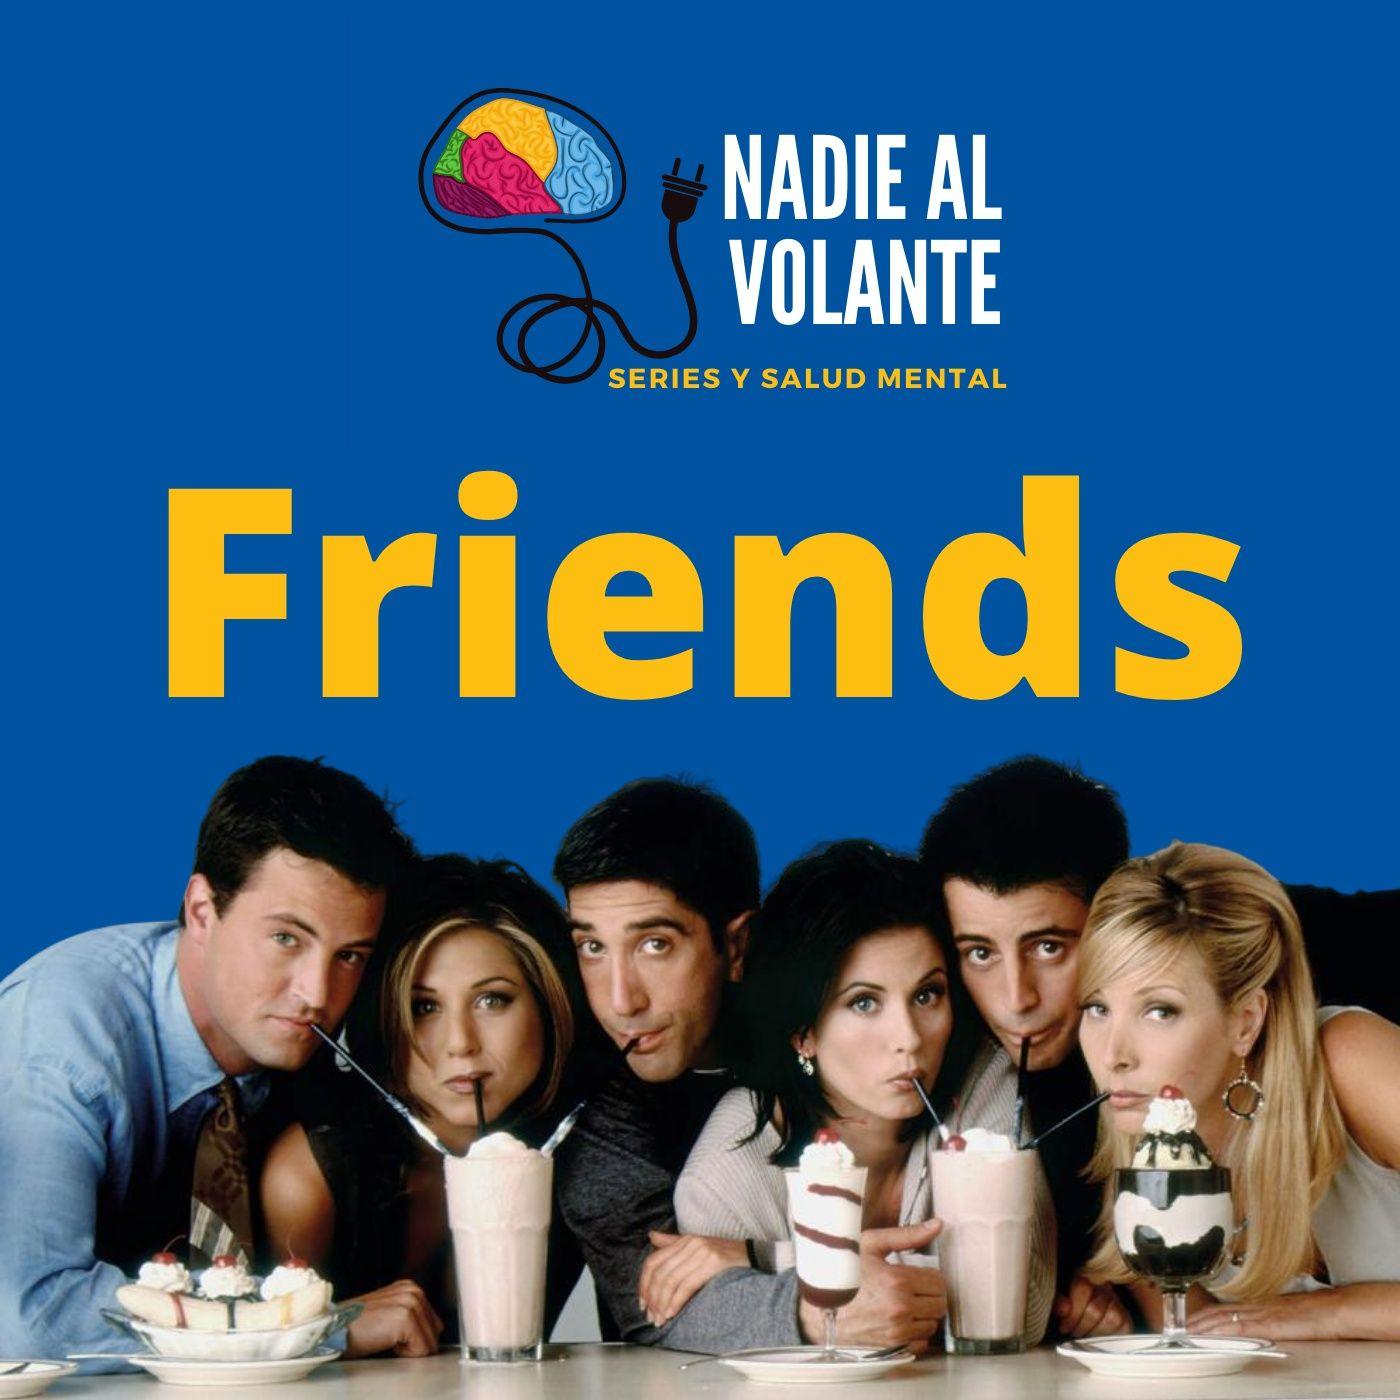 El de Friends, la personalidad y el TDAH adulto